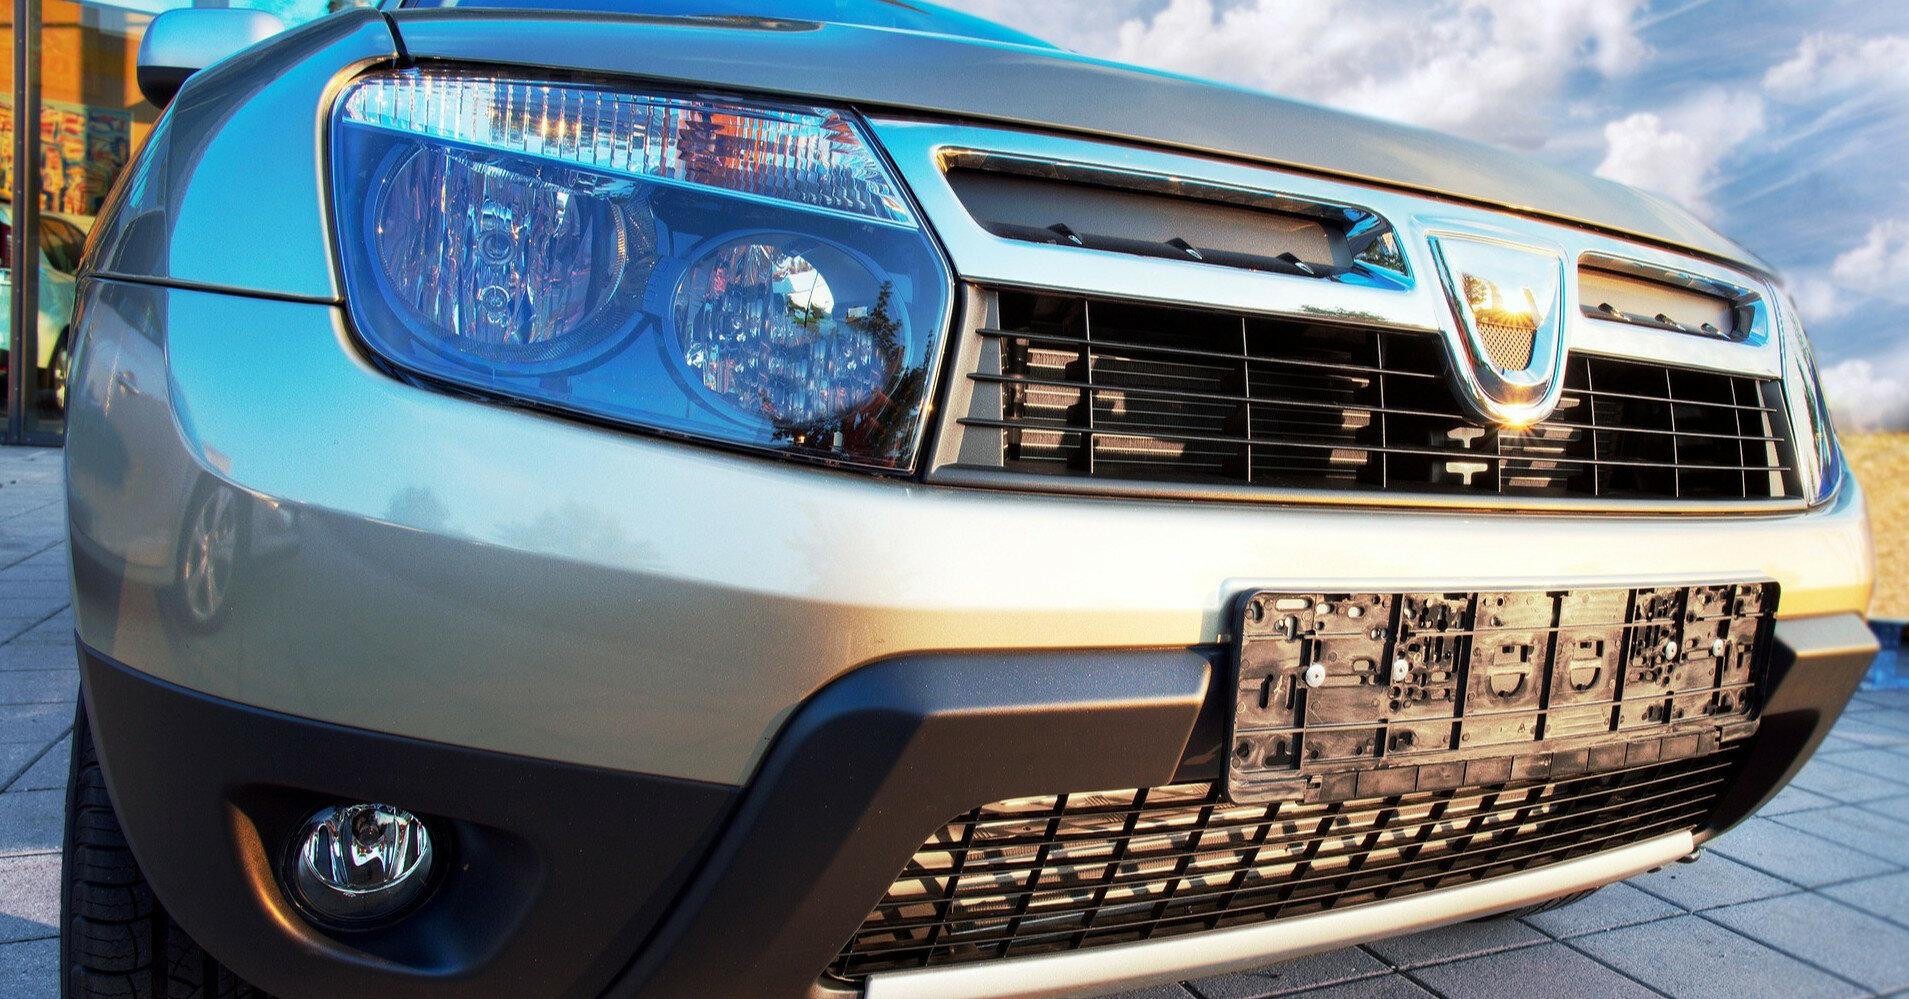 СБУ викрила корупційну схему розмитнення авто